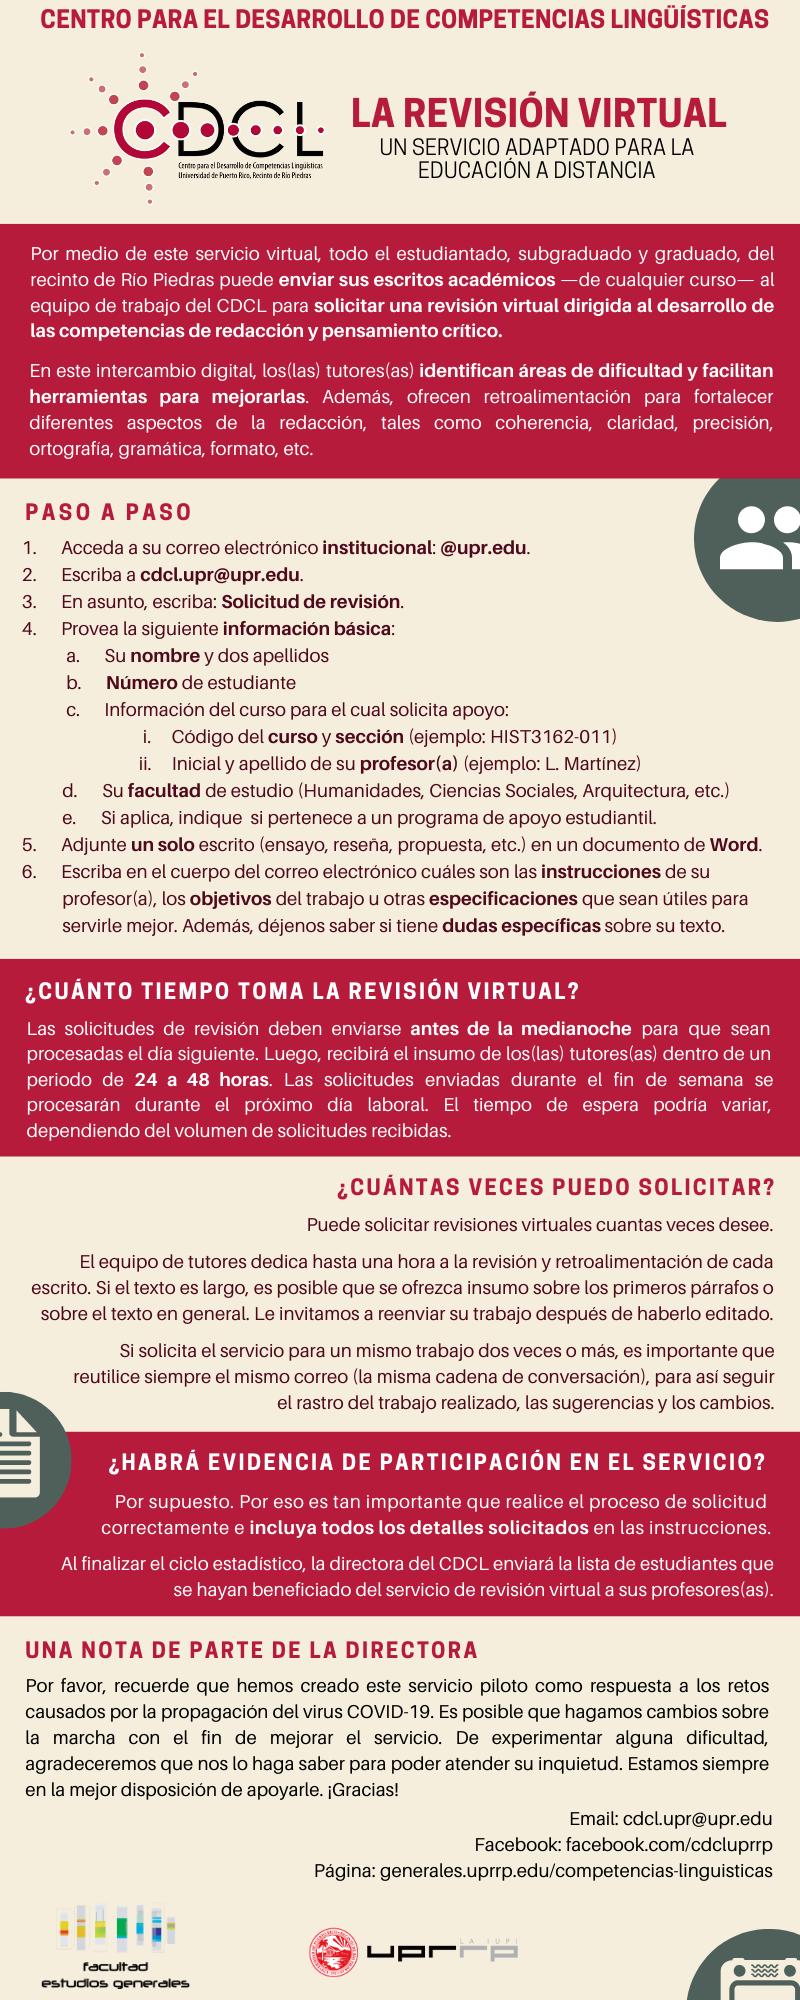 Información sobre revisión virtual